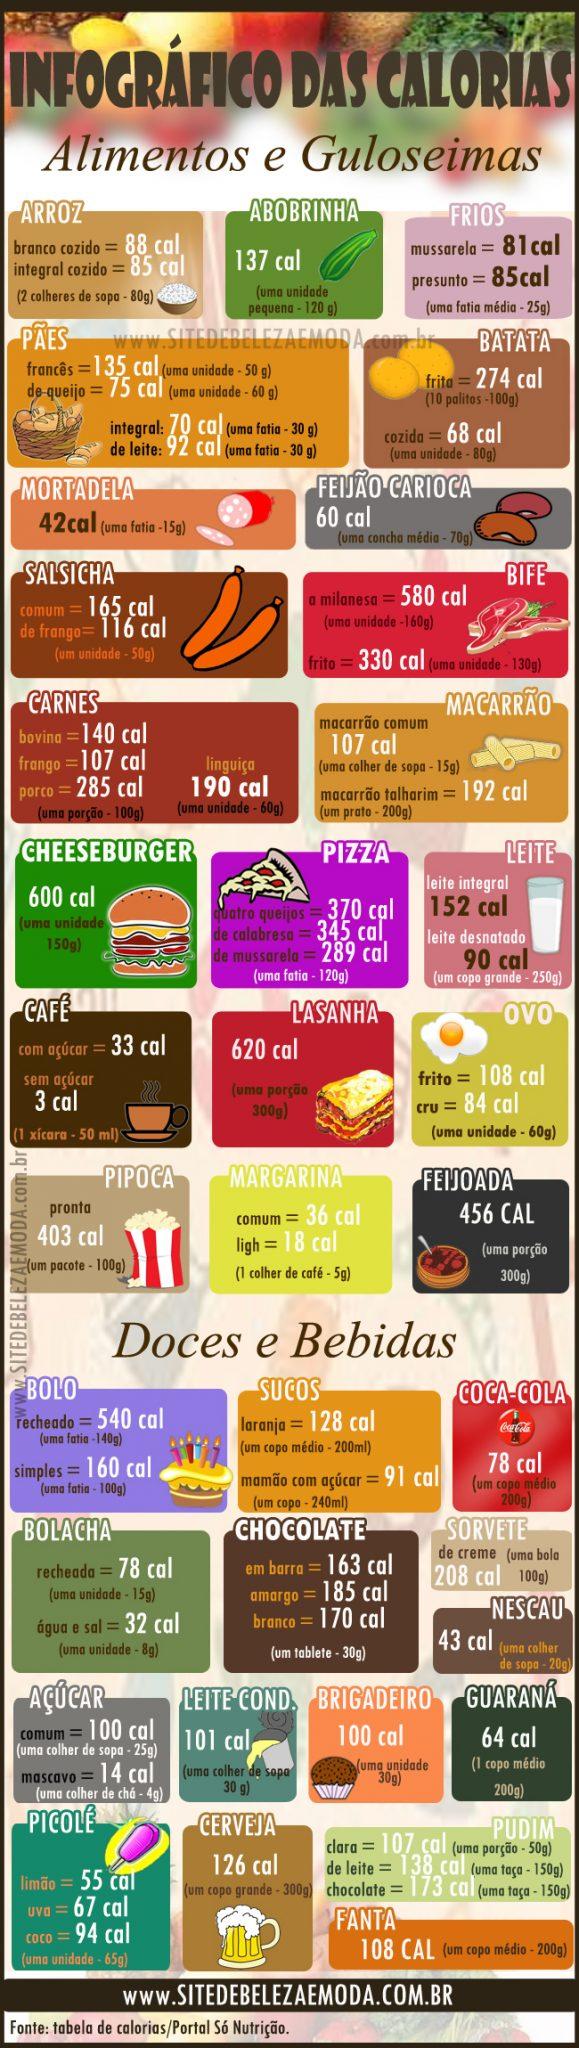 infográfico das calorias